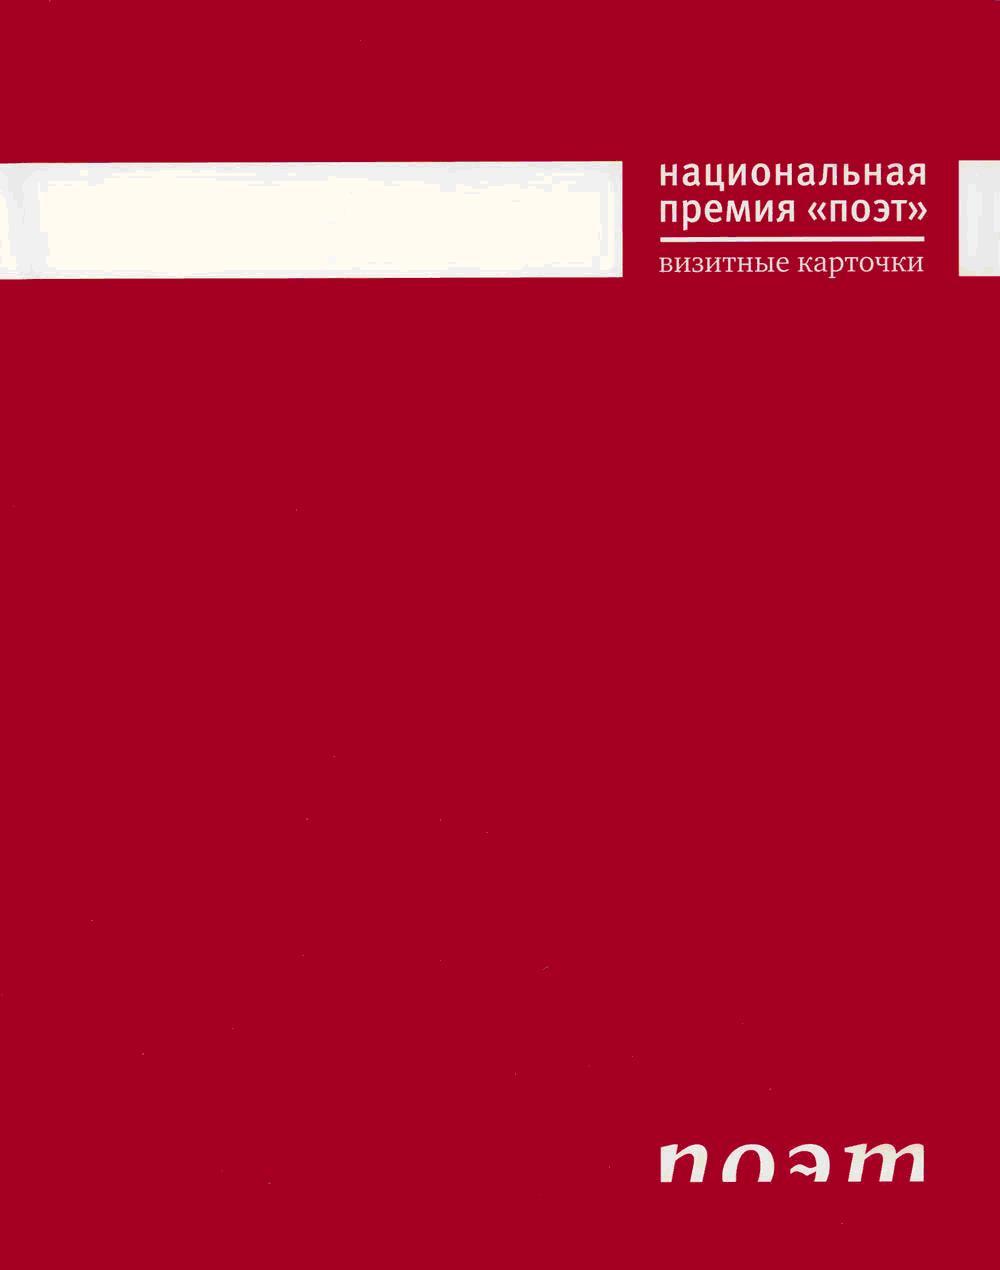 Визитные карточки: Национальная серия Поэт /Сост., предисовие Чупринина С.И.